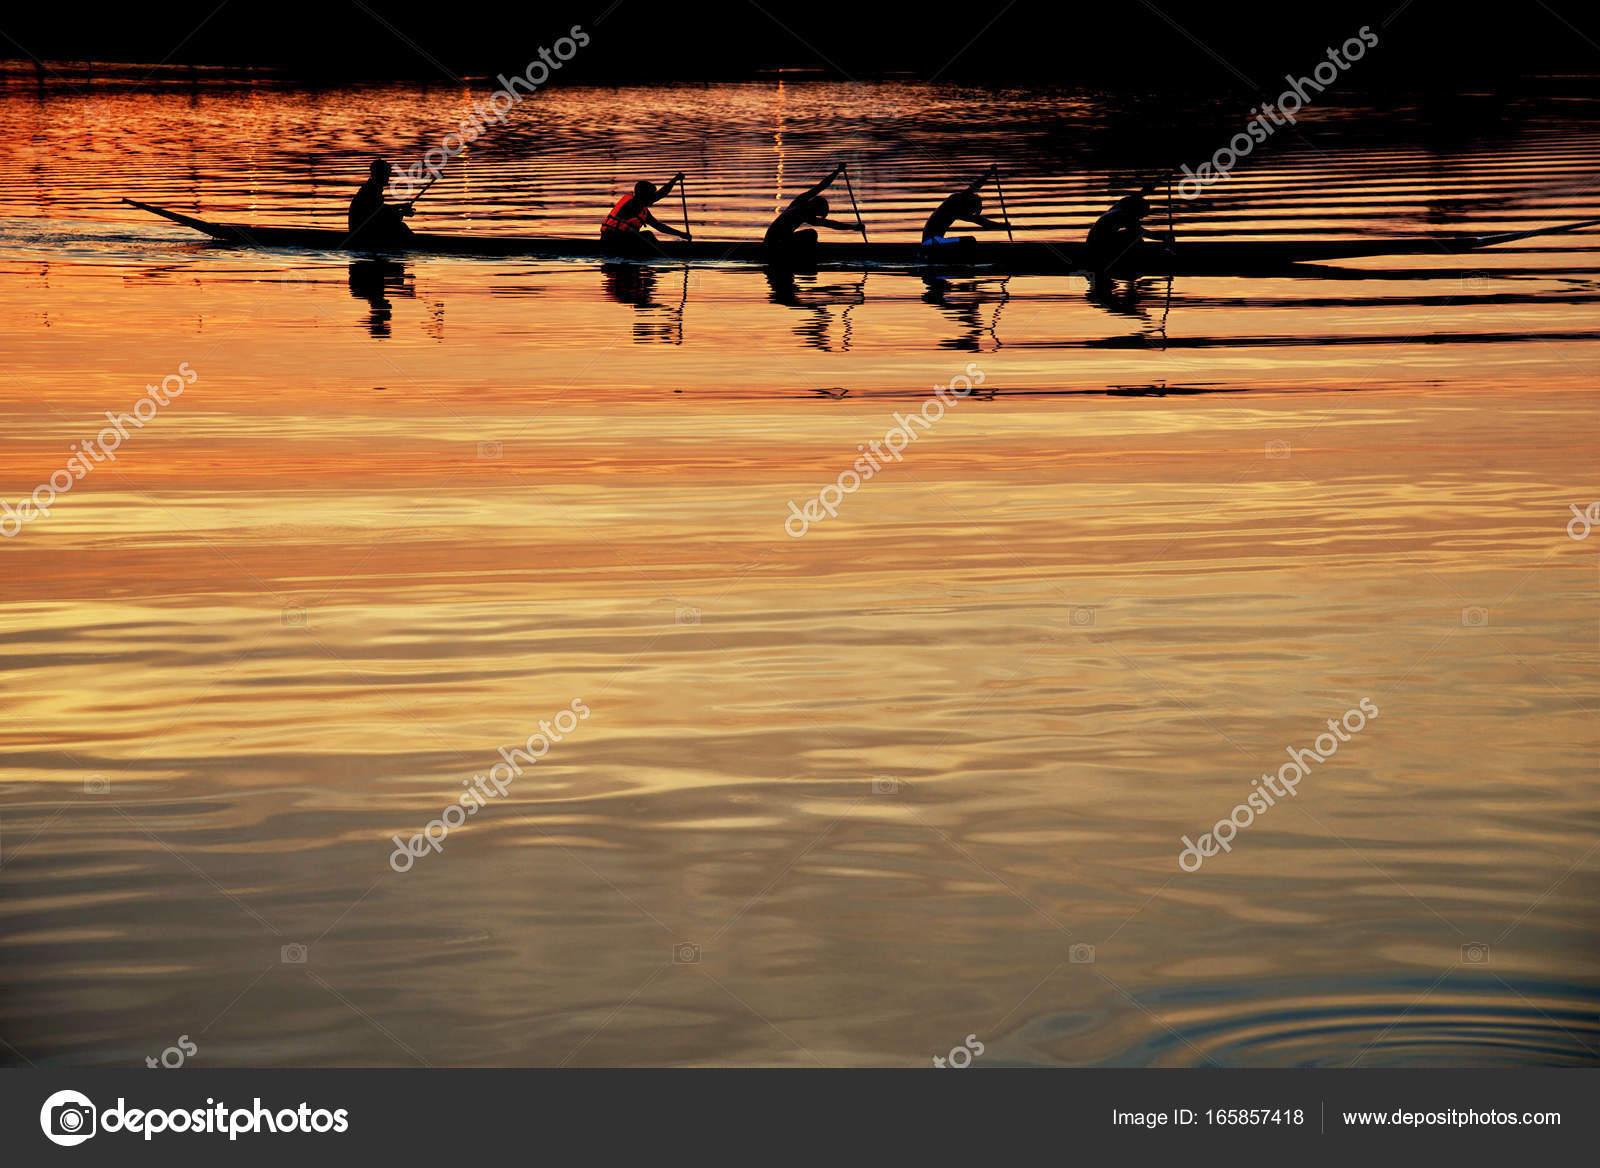 Praca Zespołowa Z Młodych Mężczyzn W łodzi Wiersz Sylwetki O